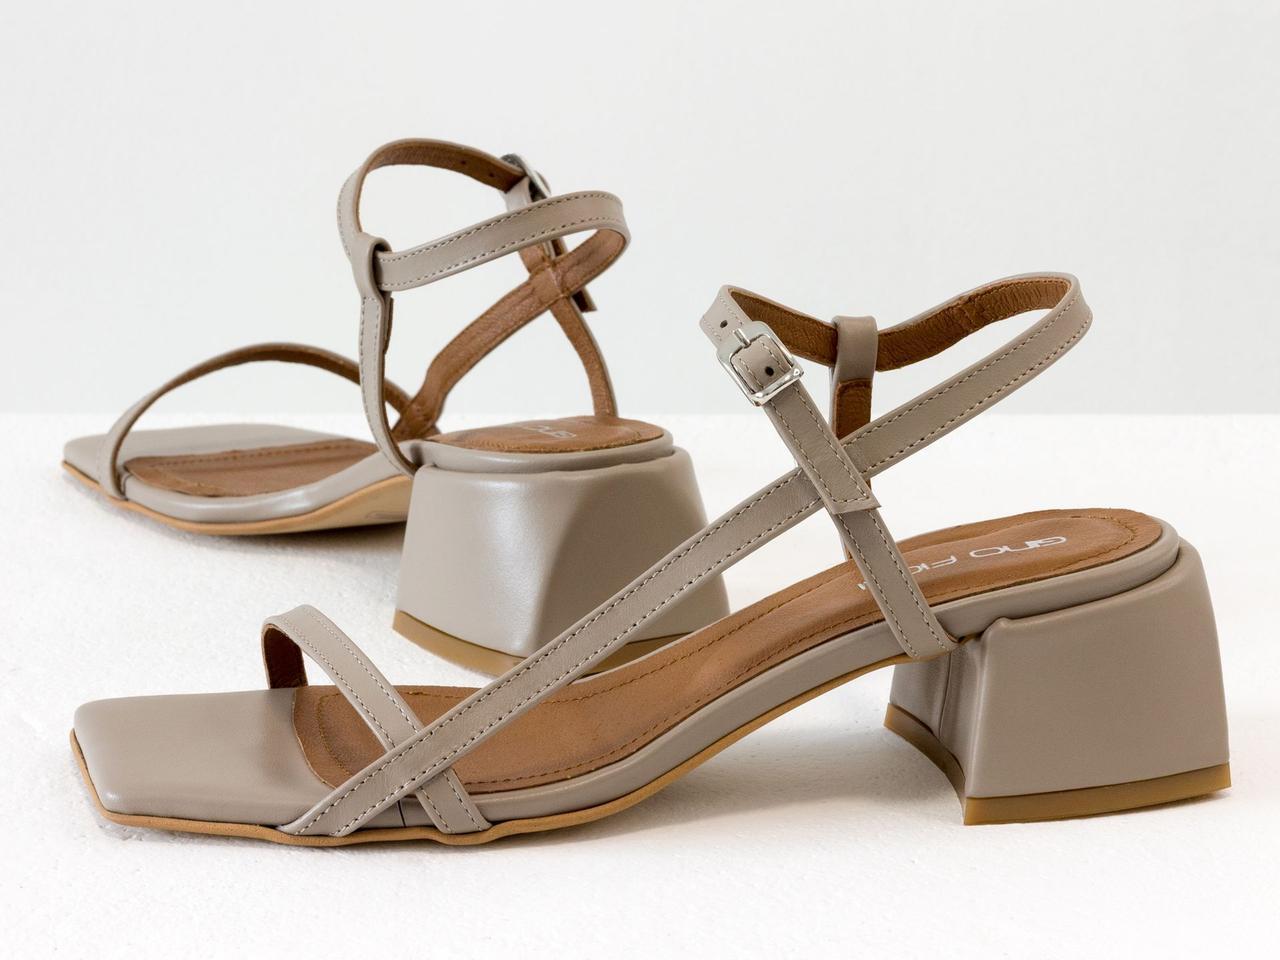 Бежевые дизайнерские босоножки на невысоком расклешенном каблуке, выполнены из натуральной итальянской кожи